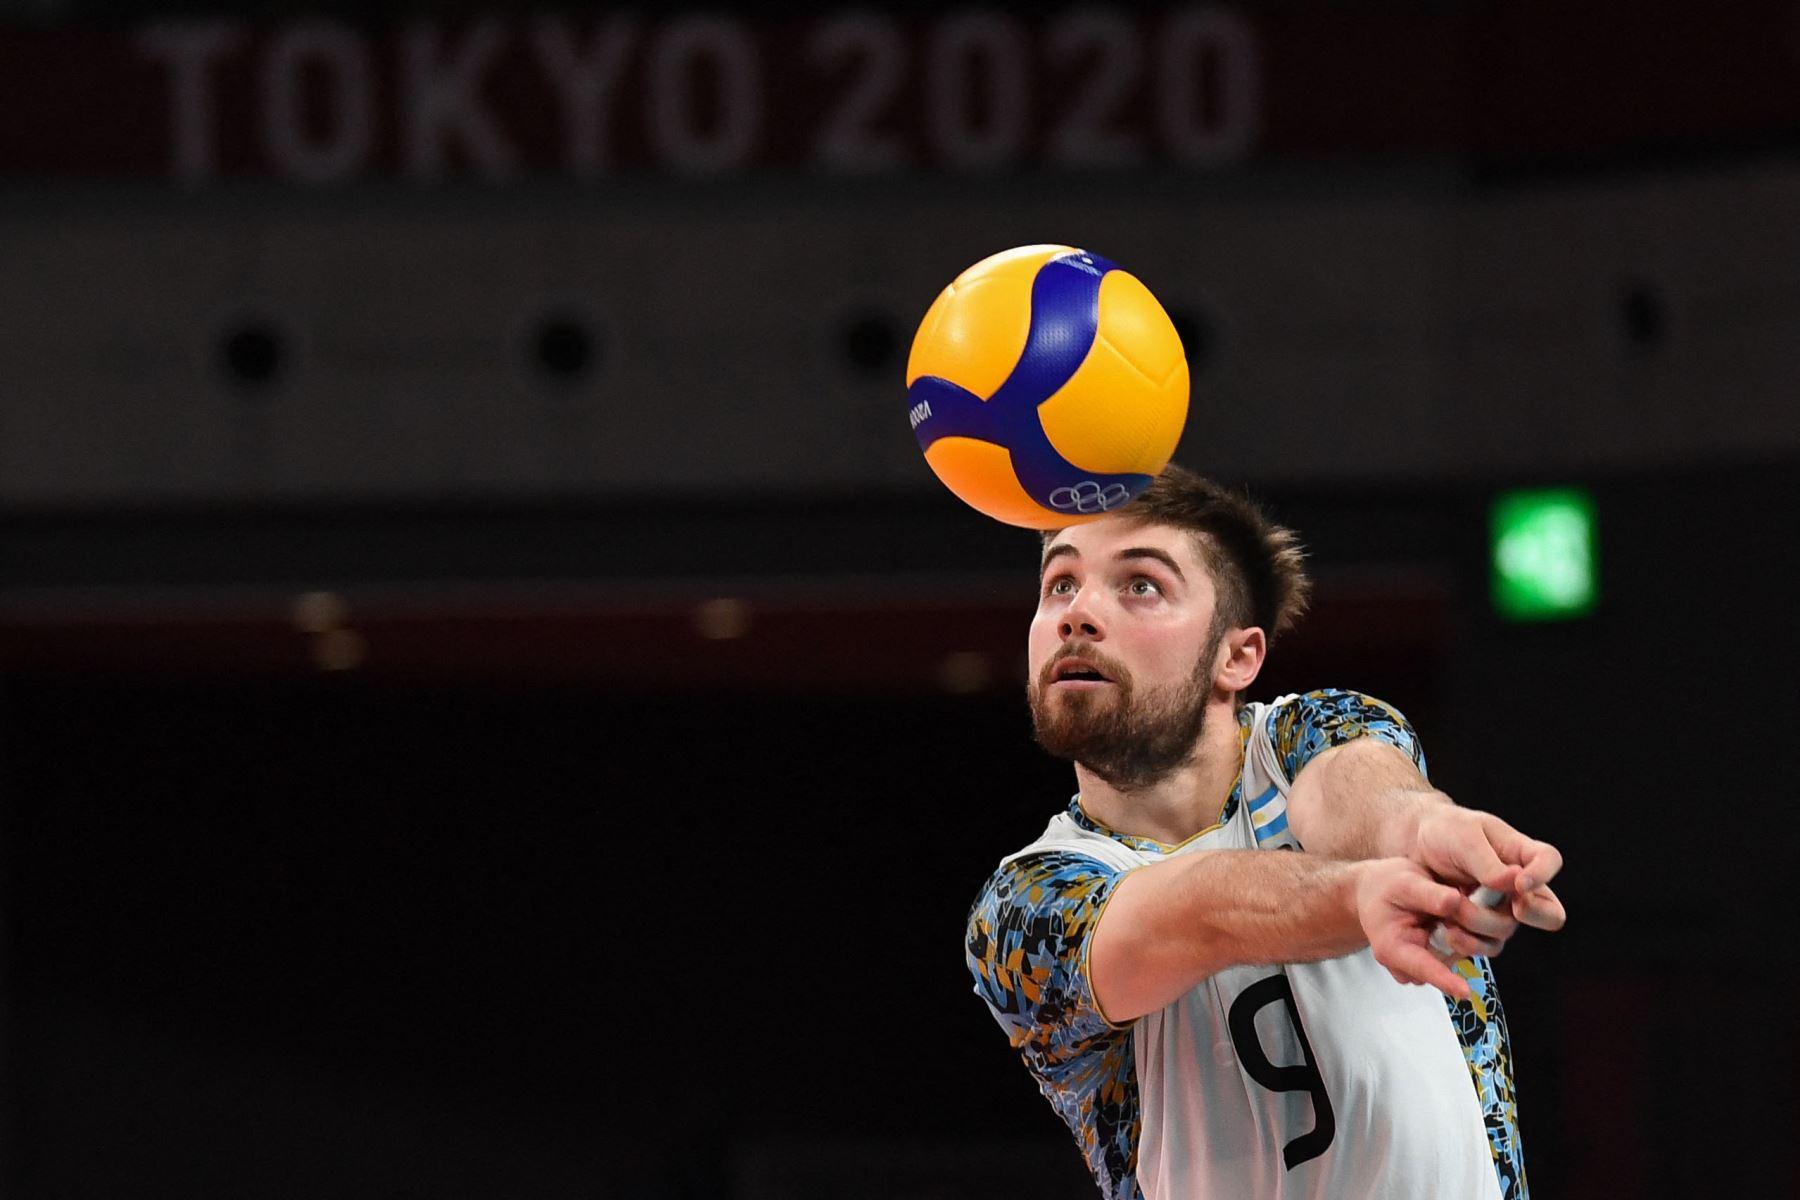 El argentino Santiago Danani coloca el balón en el partido de voleibol de la ronda preliminar masculina del grupo B entre Estados Unidos y Argentina durante los Juegos Olímpicos de Tokio 2020. Foto: AFP